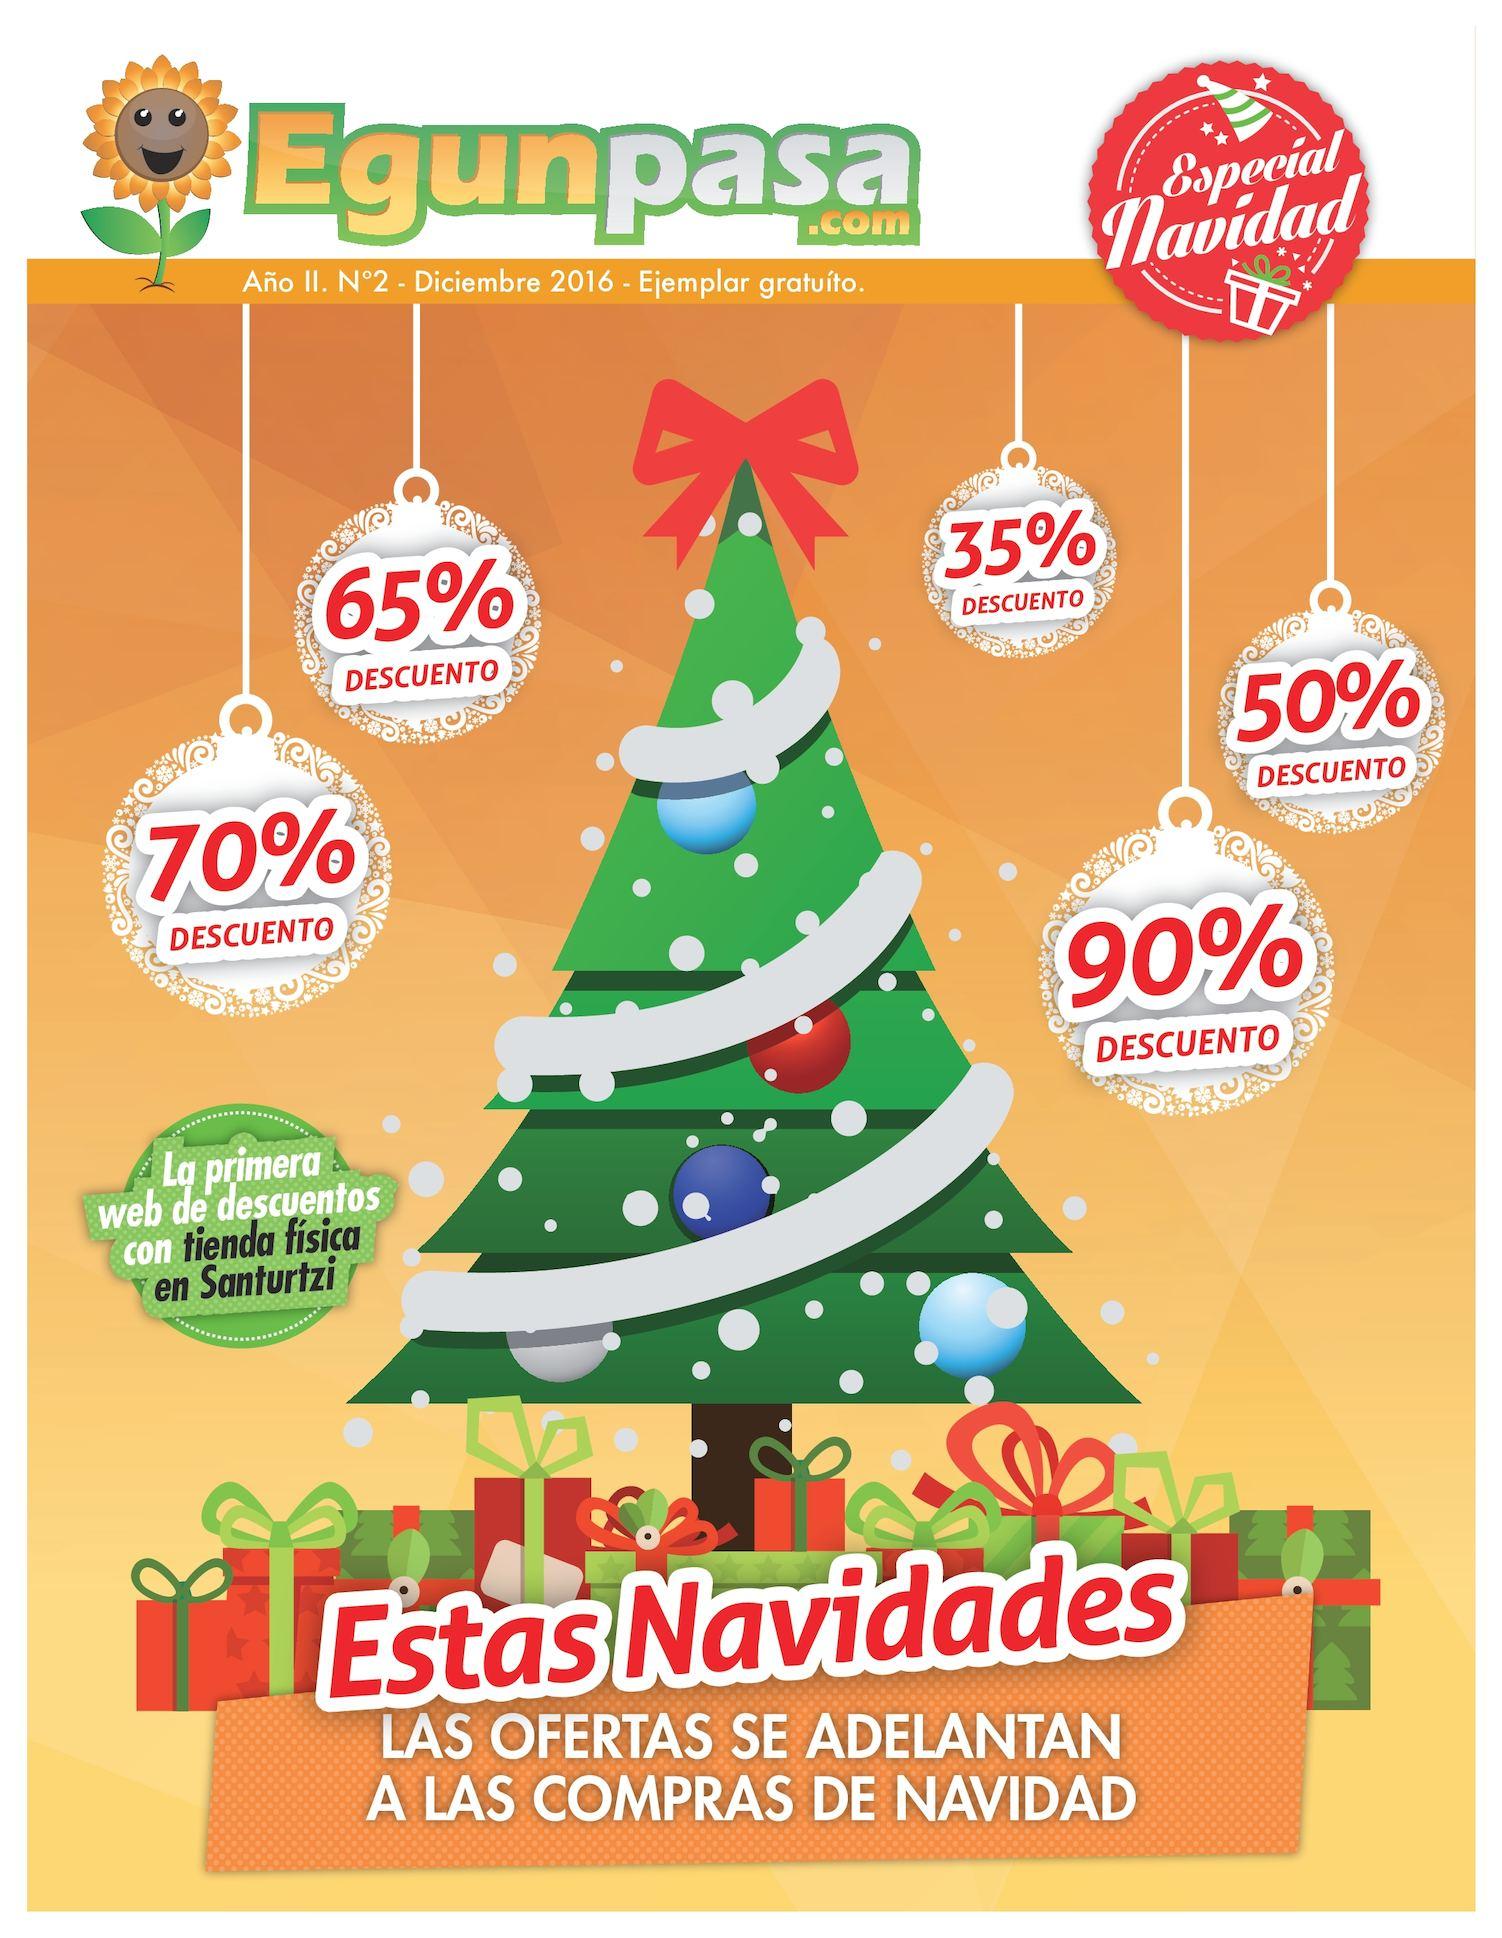 Calaméo - Periódico Egunpasa - Diciembre 2016